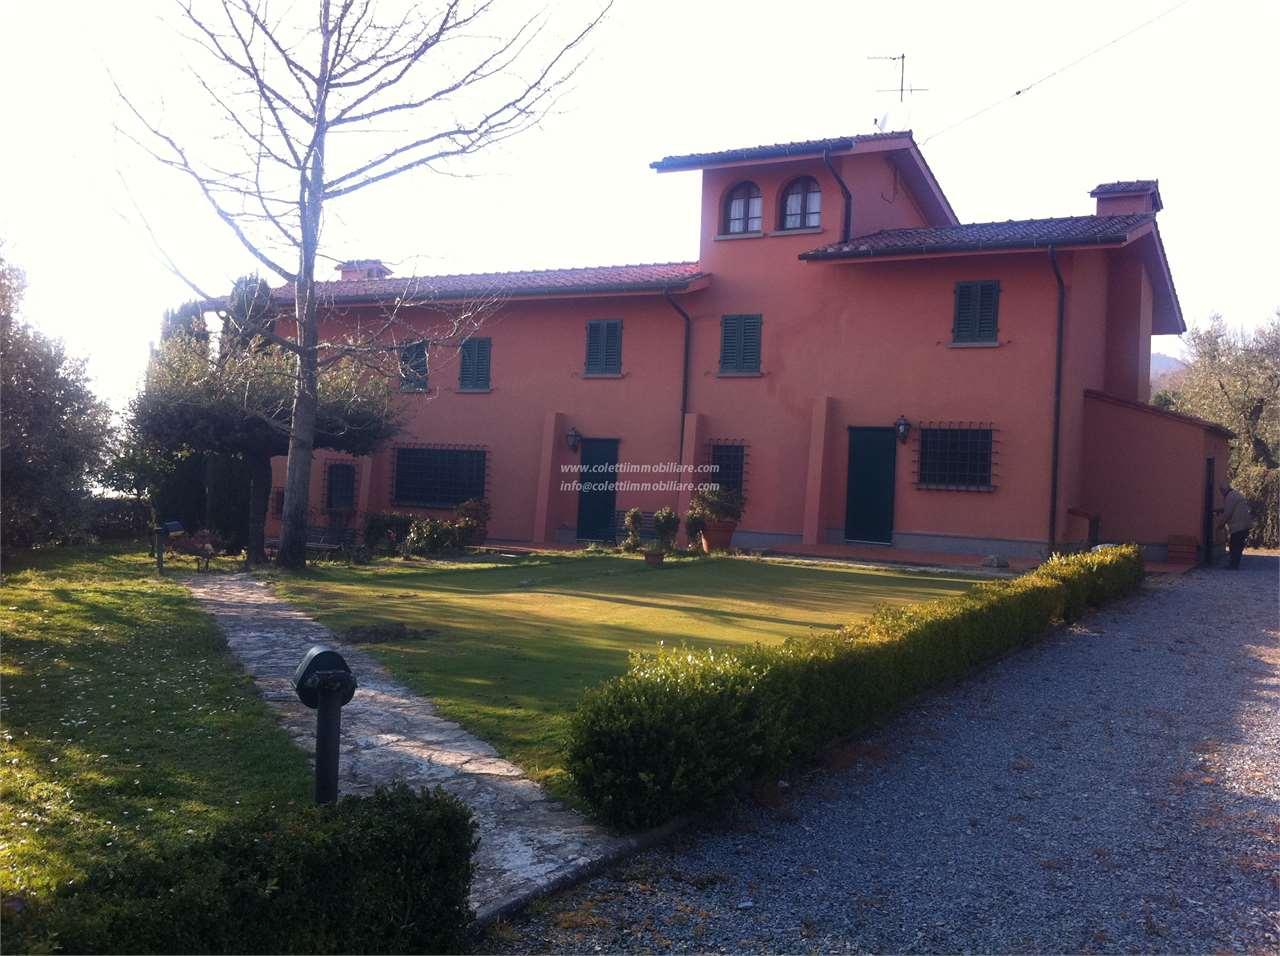 Villa in vendita a Montecatini-Terme, 10 locali, prezzo € 790.000 | CambioCasa.it